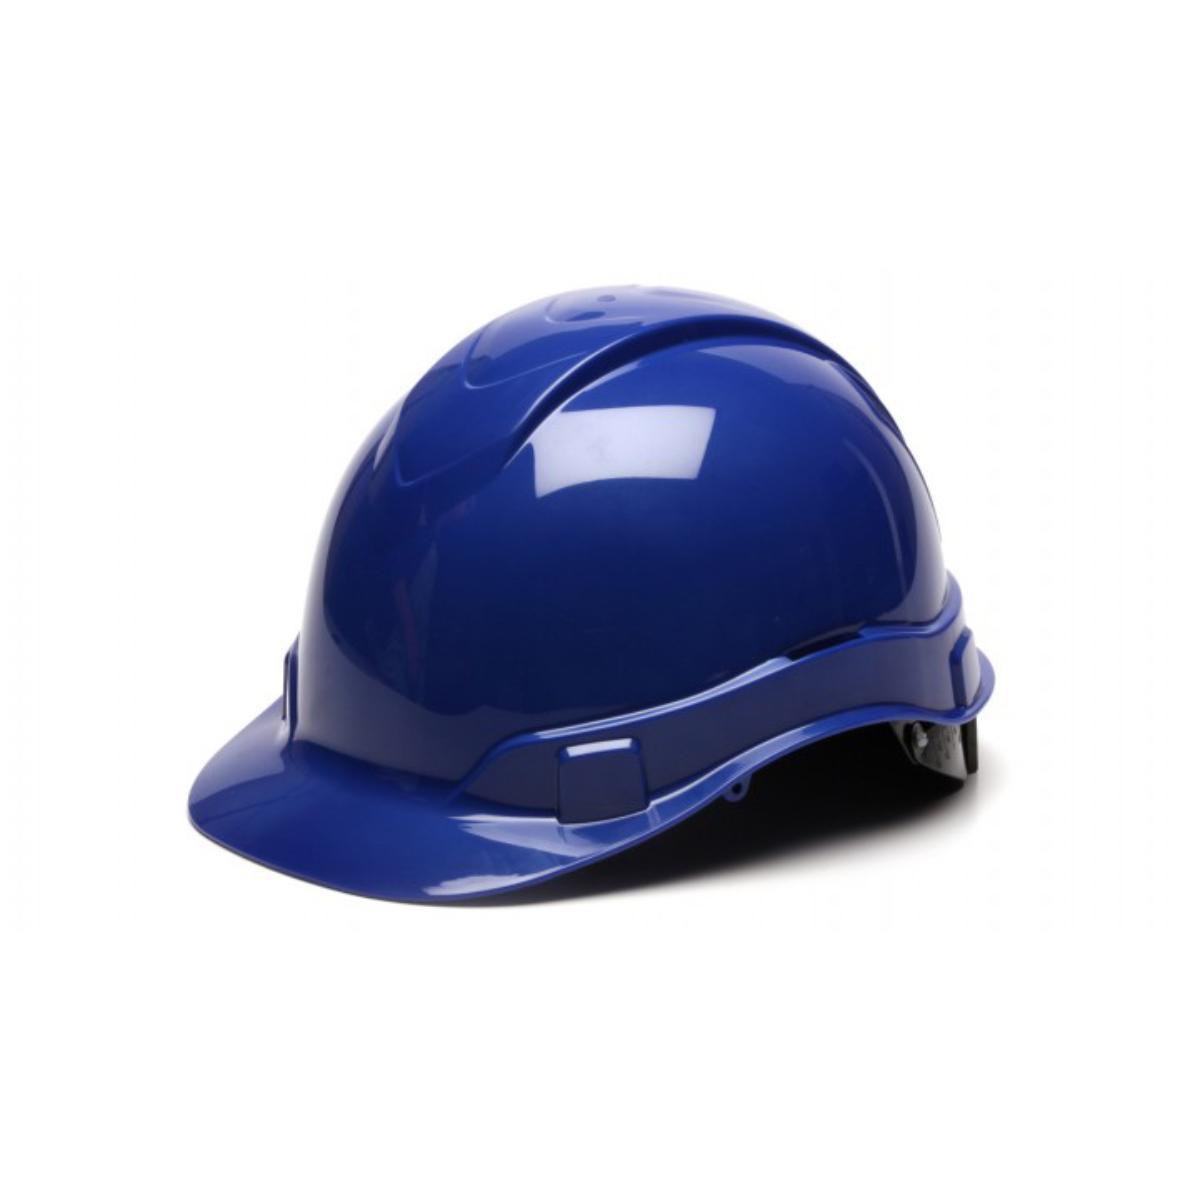 Blue-Ridgeline Cap Style 4 Pt Ratchet Suspension